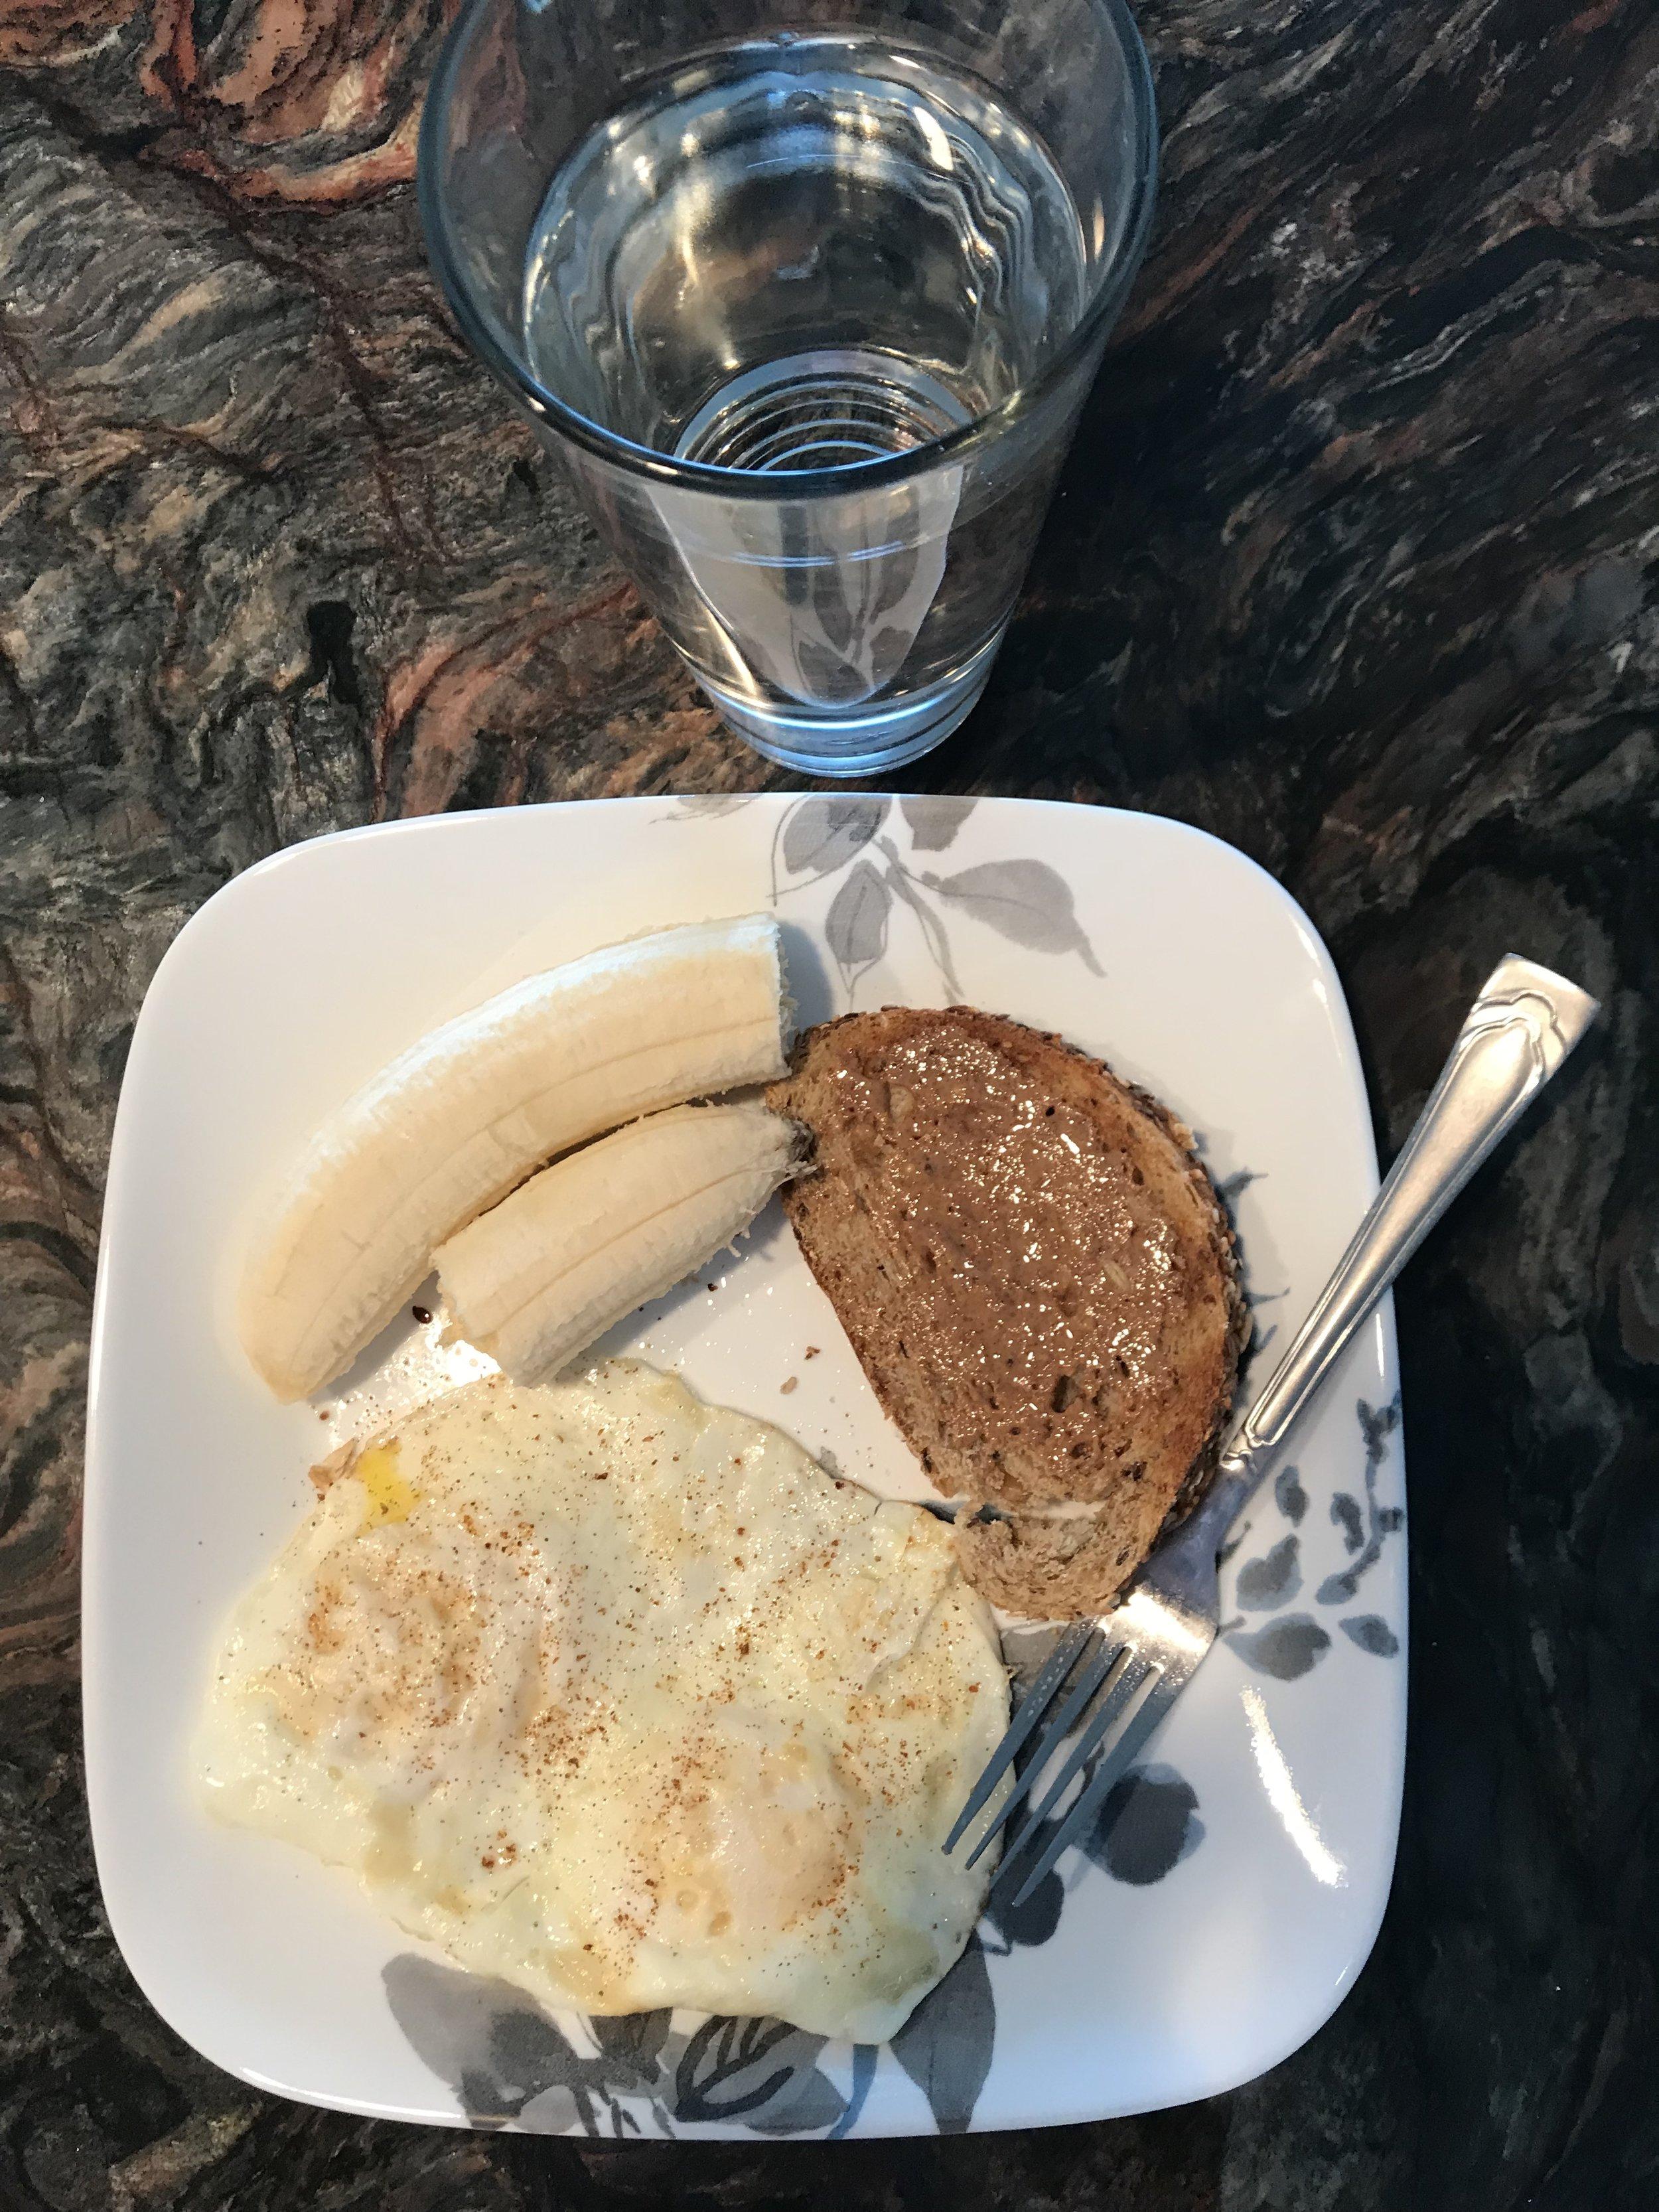 BREAKFAST - 1 slice of multi-grain bread, 1 tsp of almond butter, 1 medium banana, 2 fried eggs, and water.